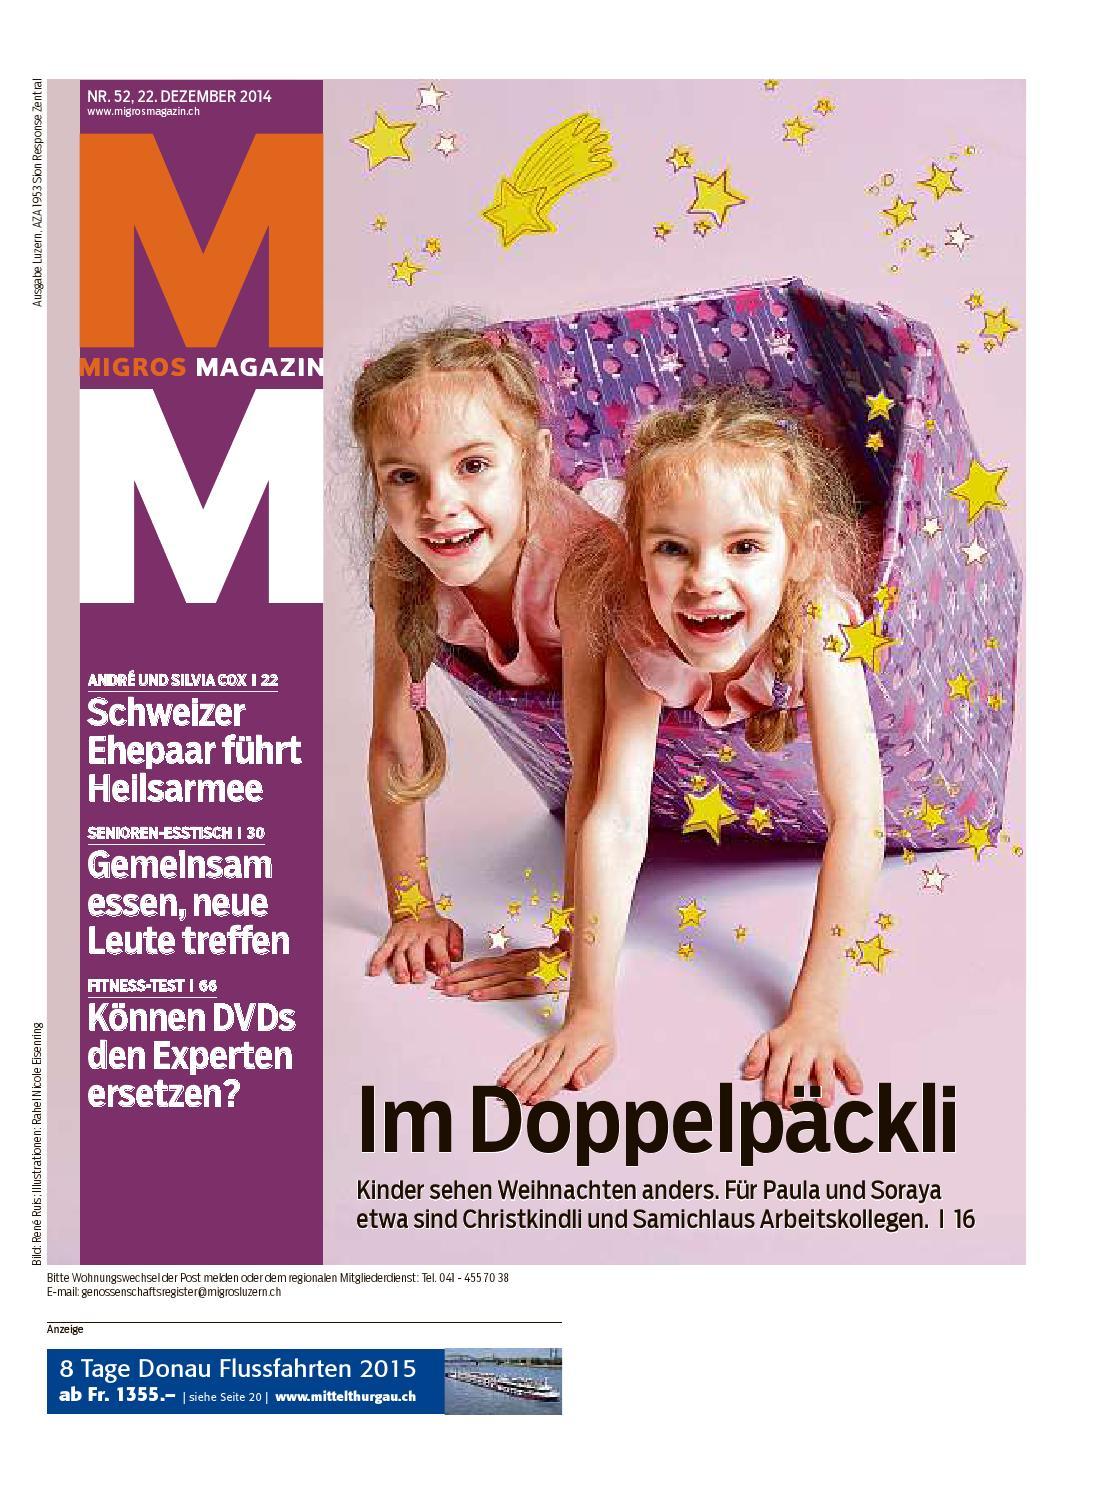 Migros magazin 52 2014 d lu by Migros-Genossenschafts-Bund - issuu